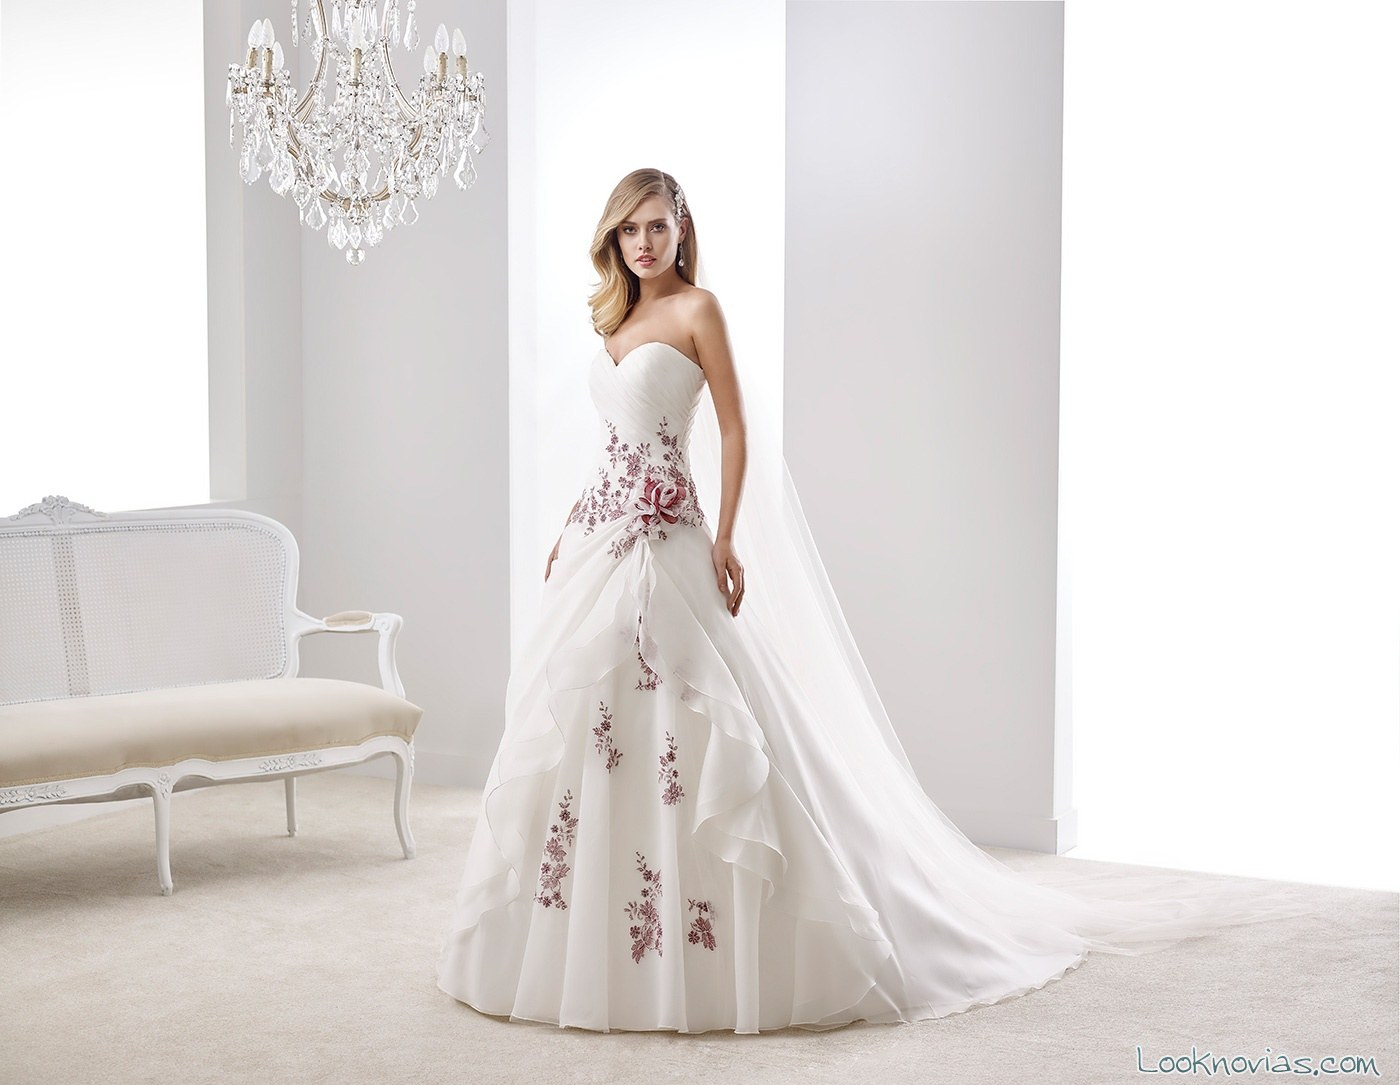 vestido de novia con bordados en la falda rojos